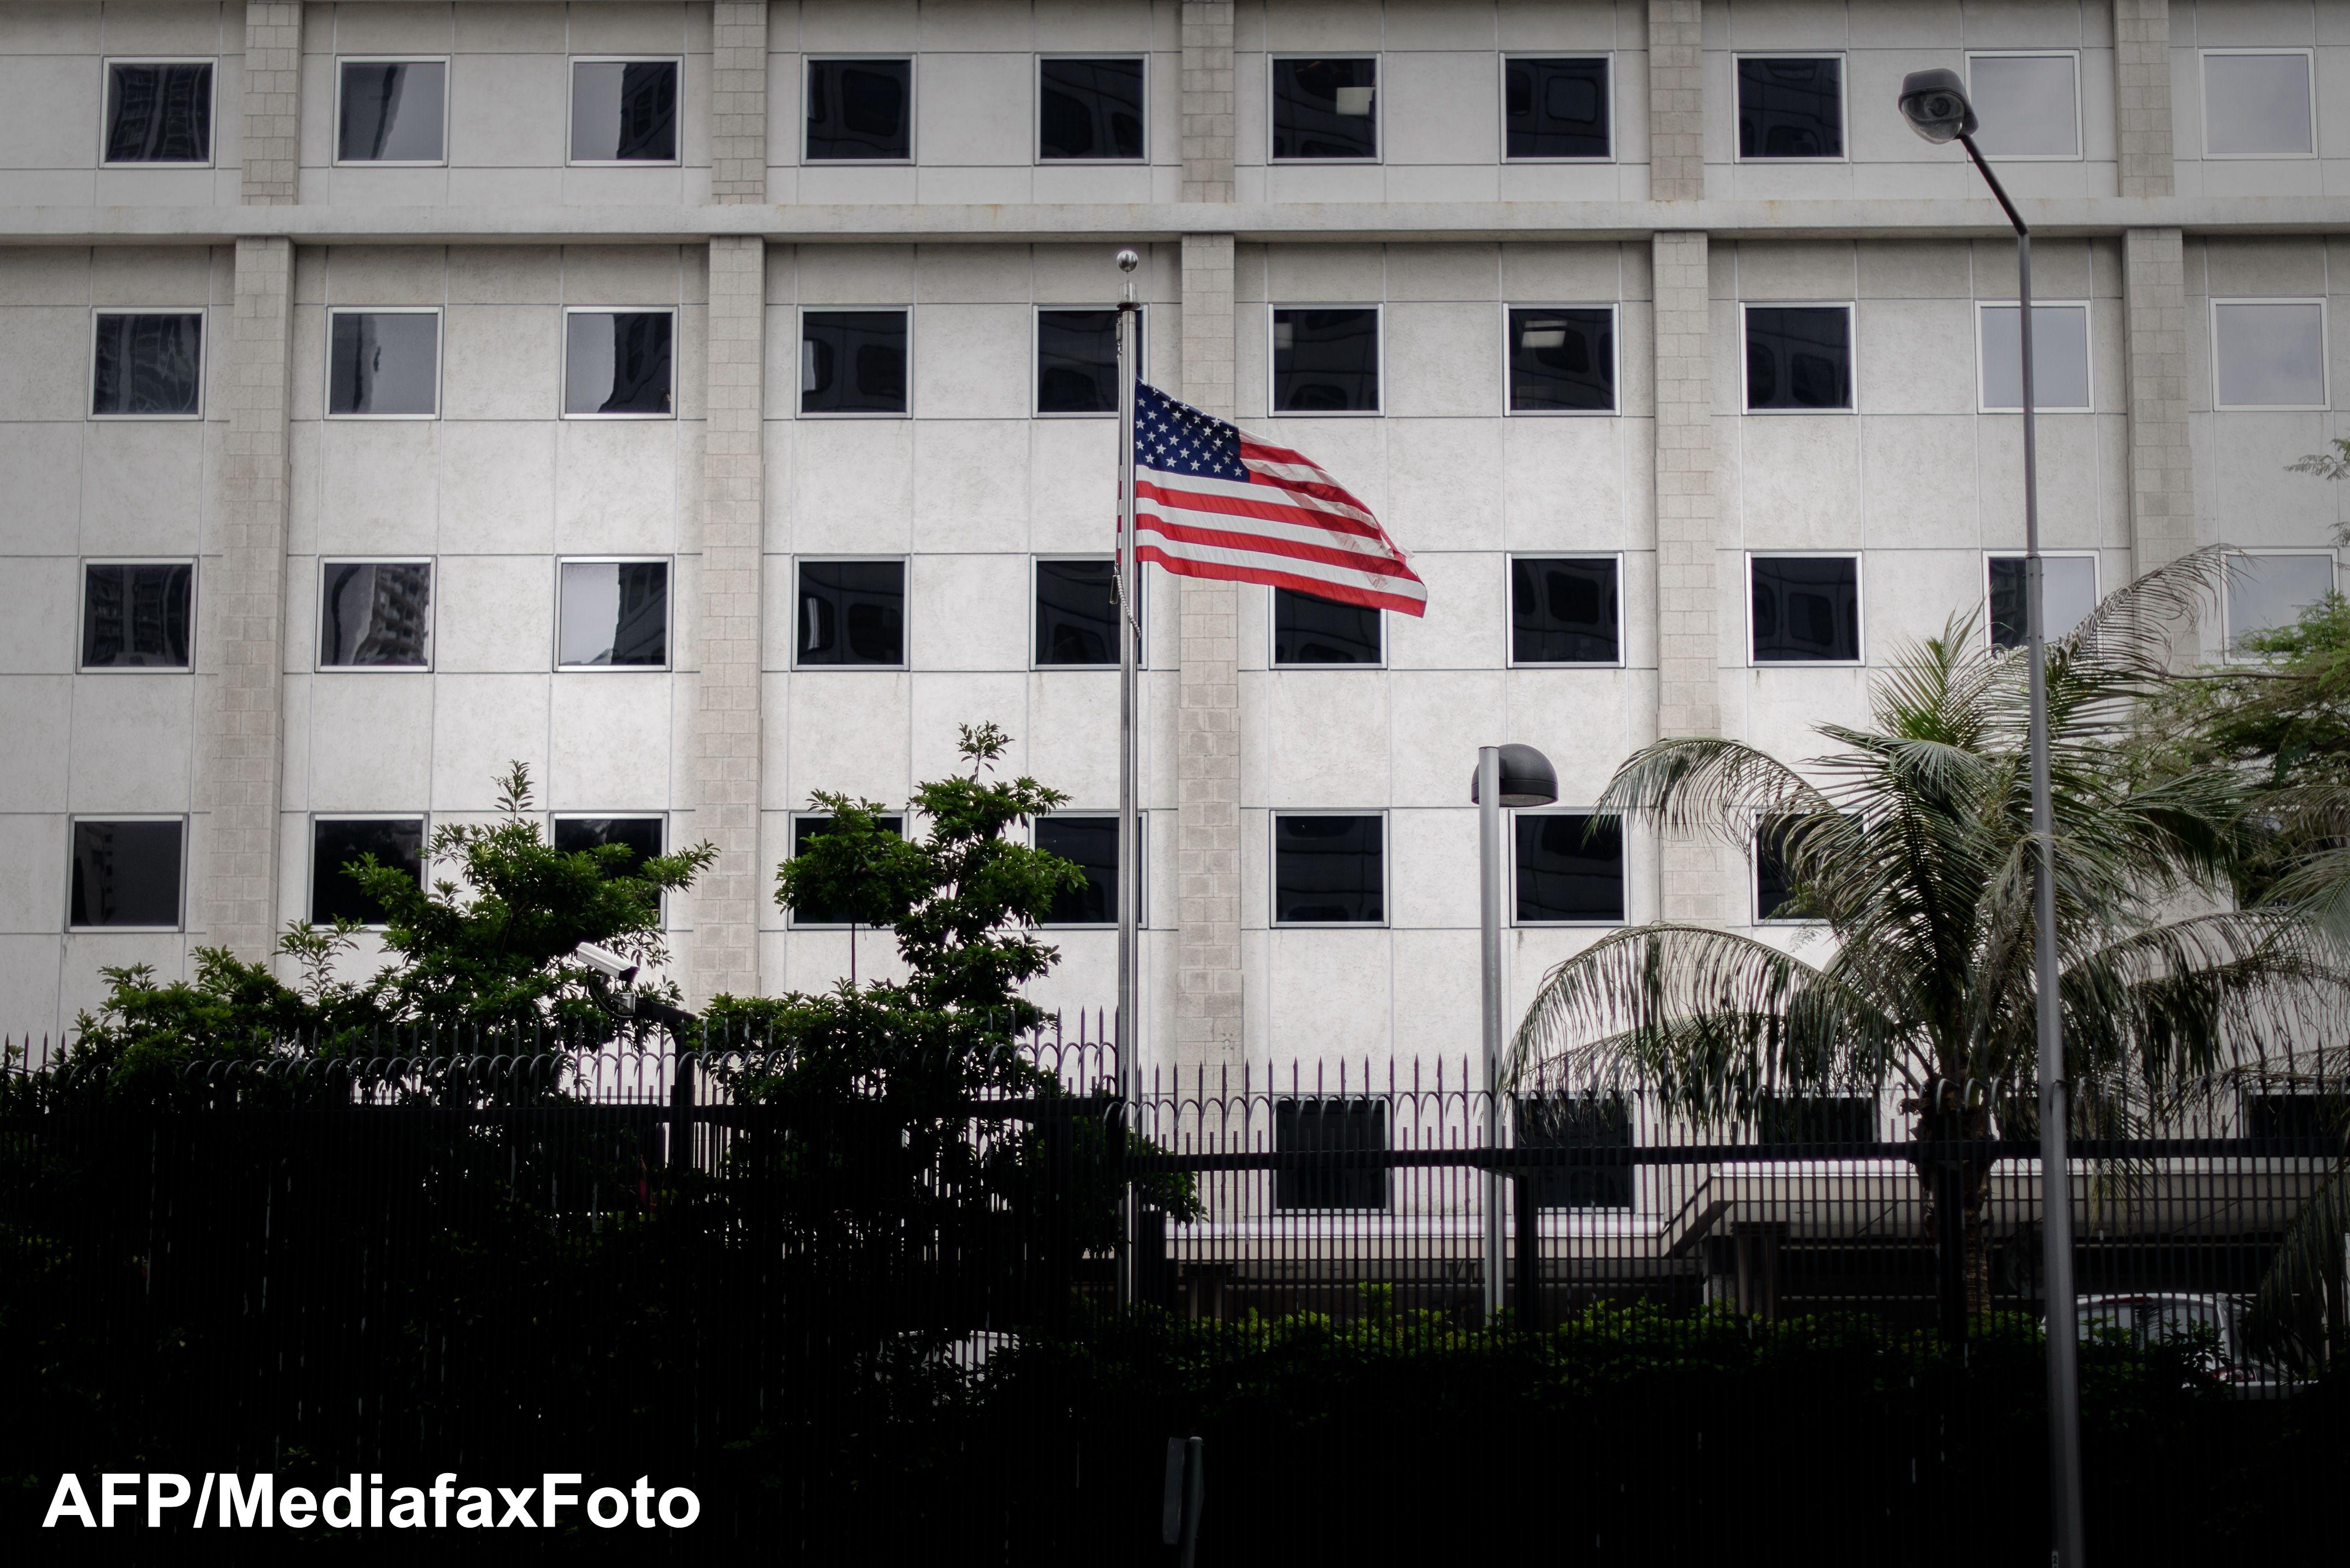 Inca un scandal mare in SUA. Consumuri de droguri si abuzuri sexuale ale diplomatilor, musamalizate